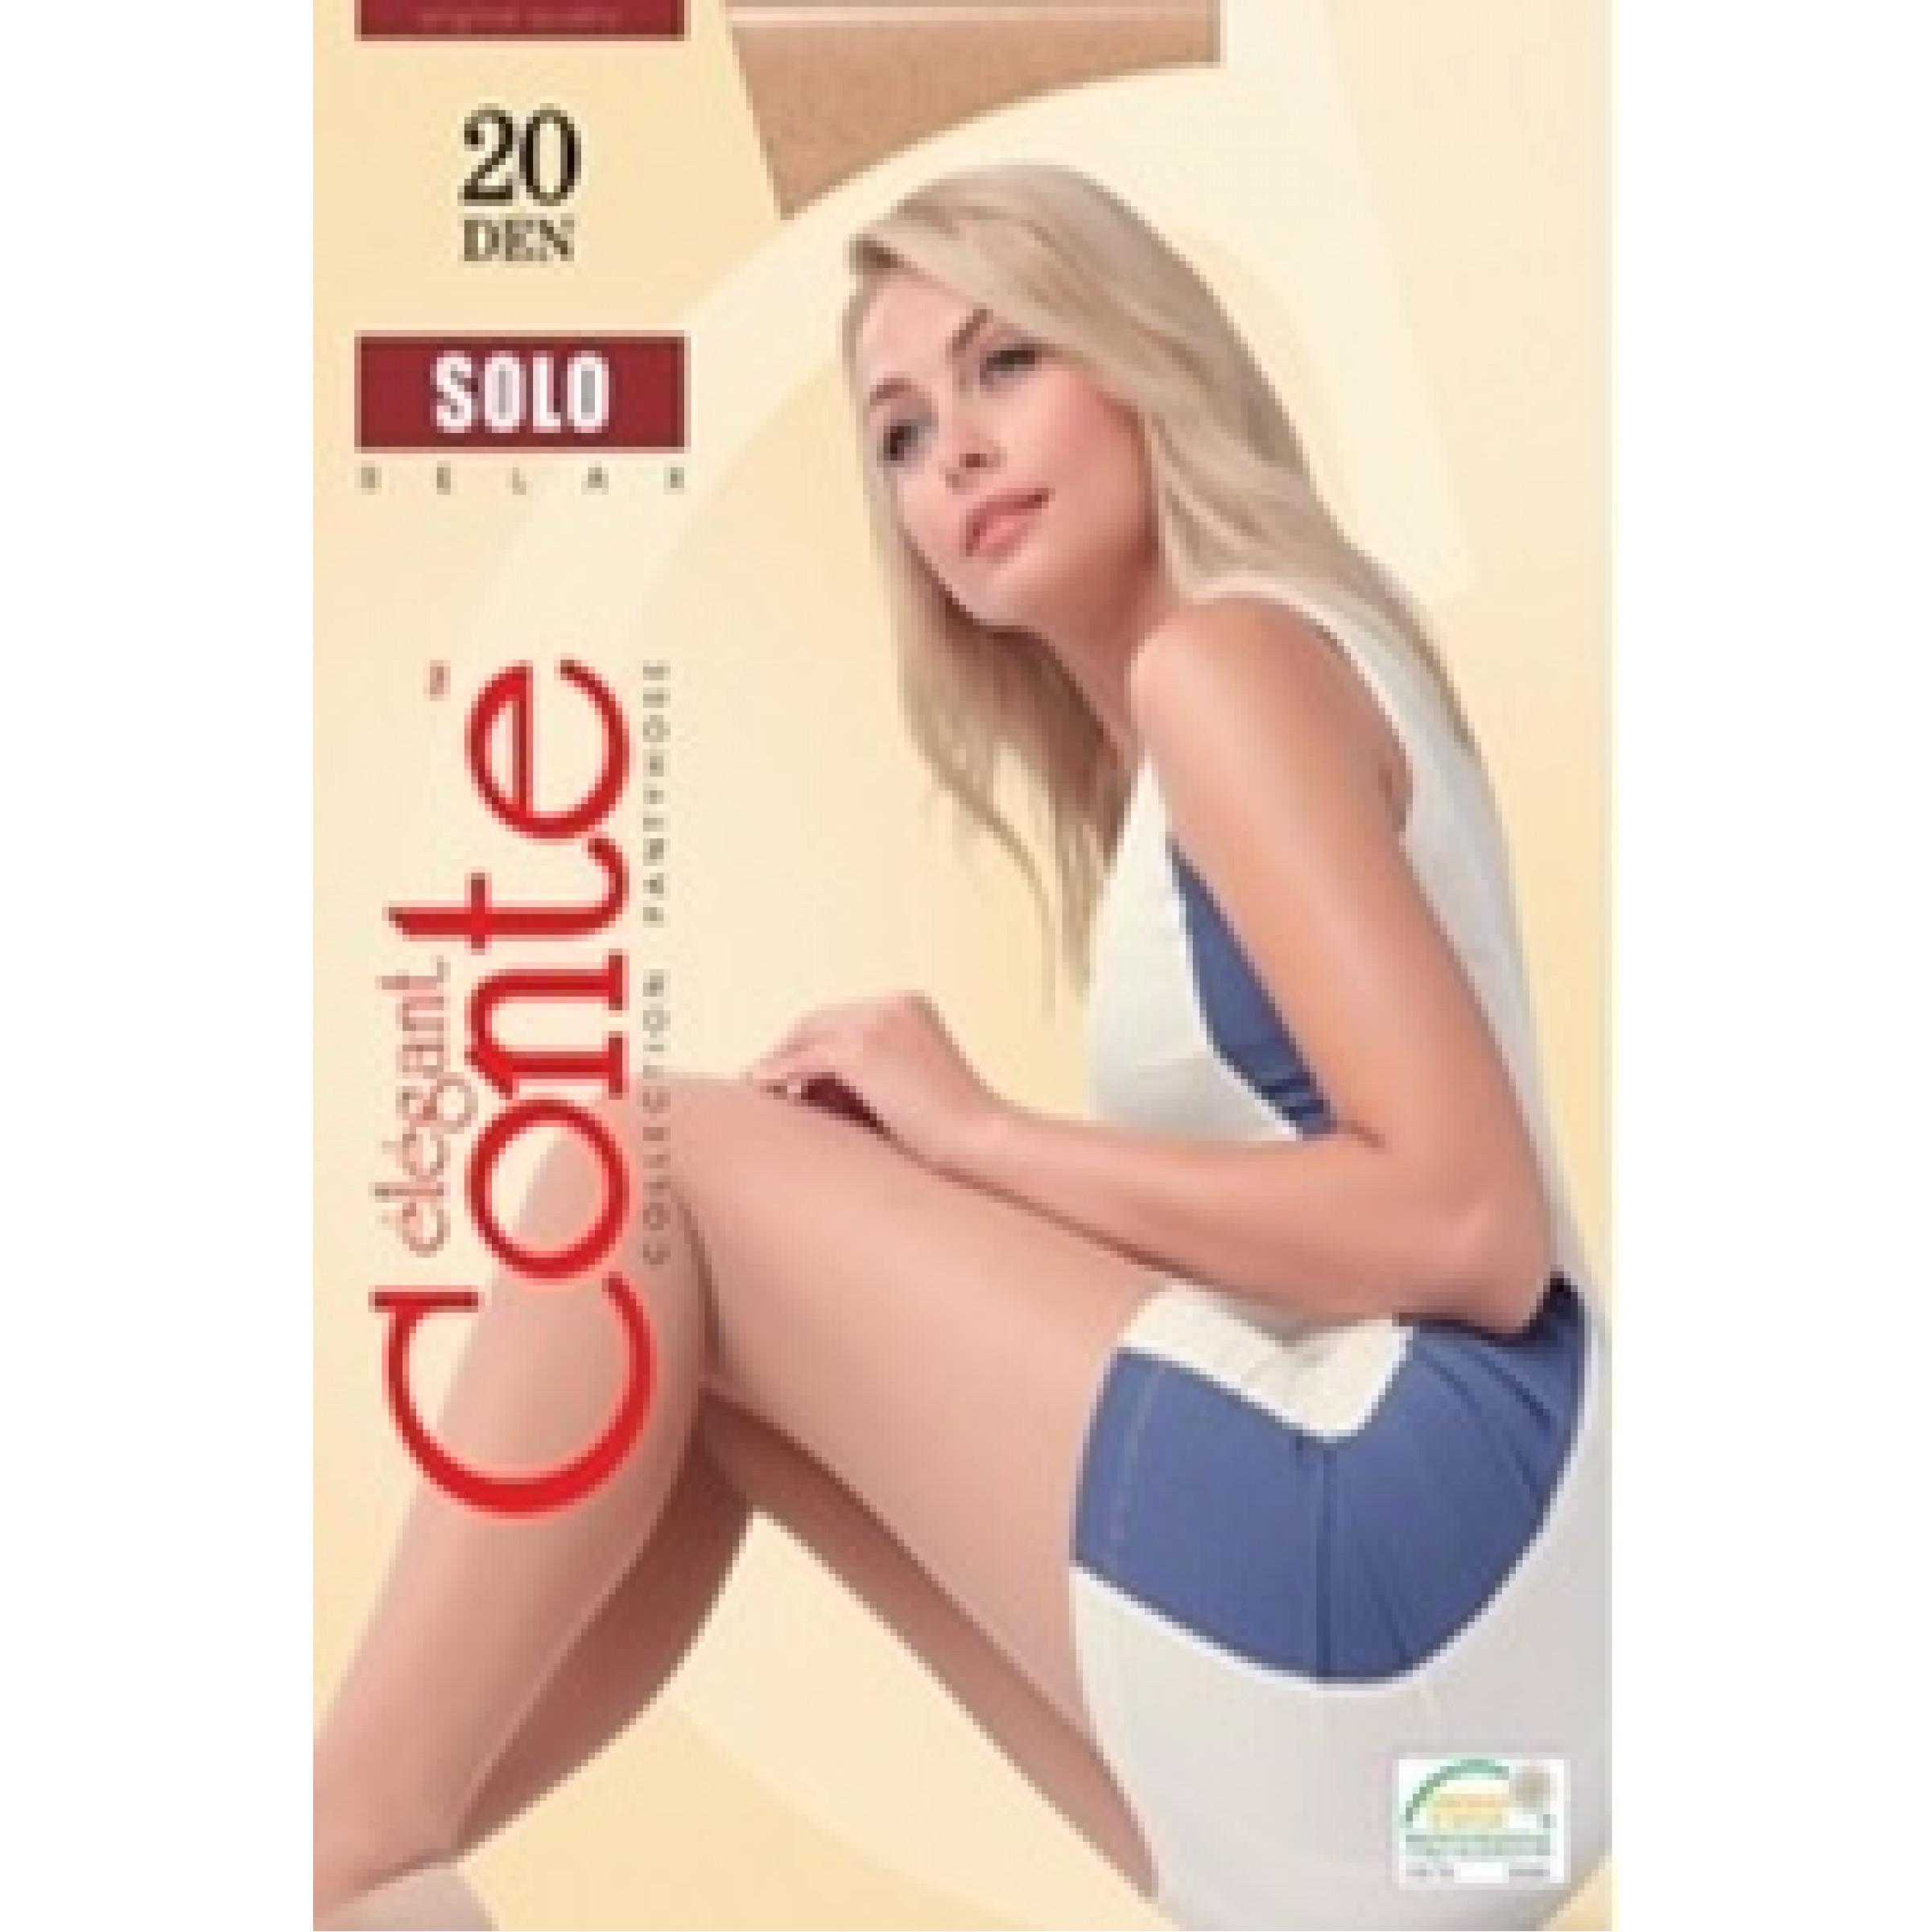 Колготки женские Conte Solo 20, цвет natural (натуральный), размер 5